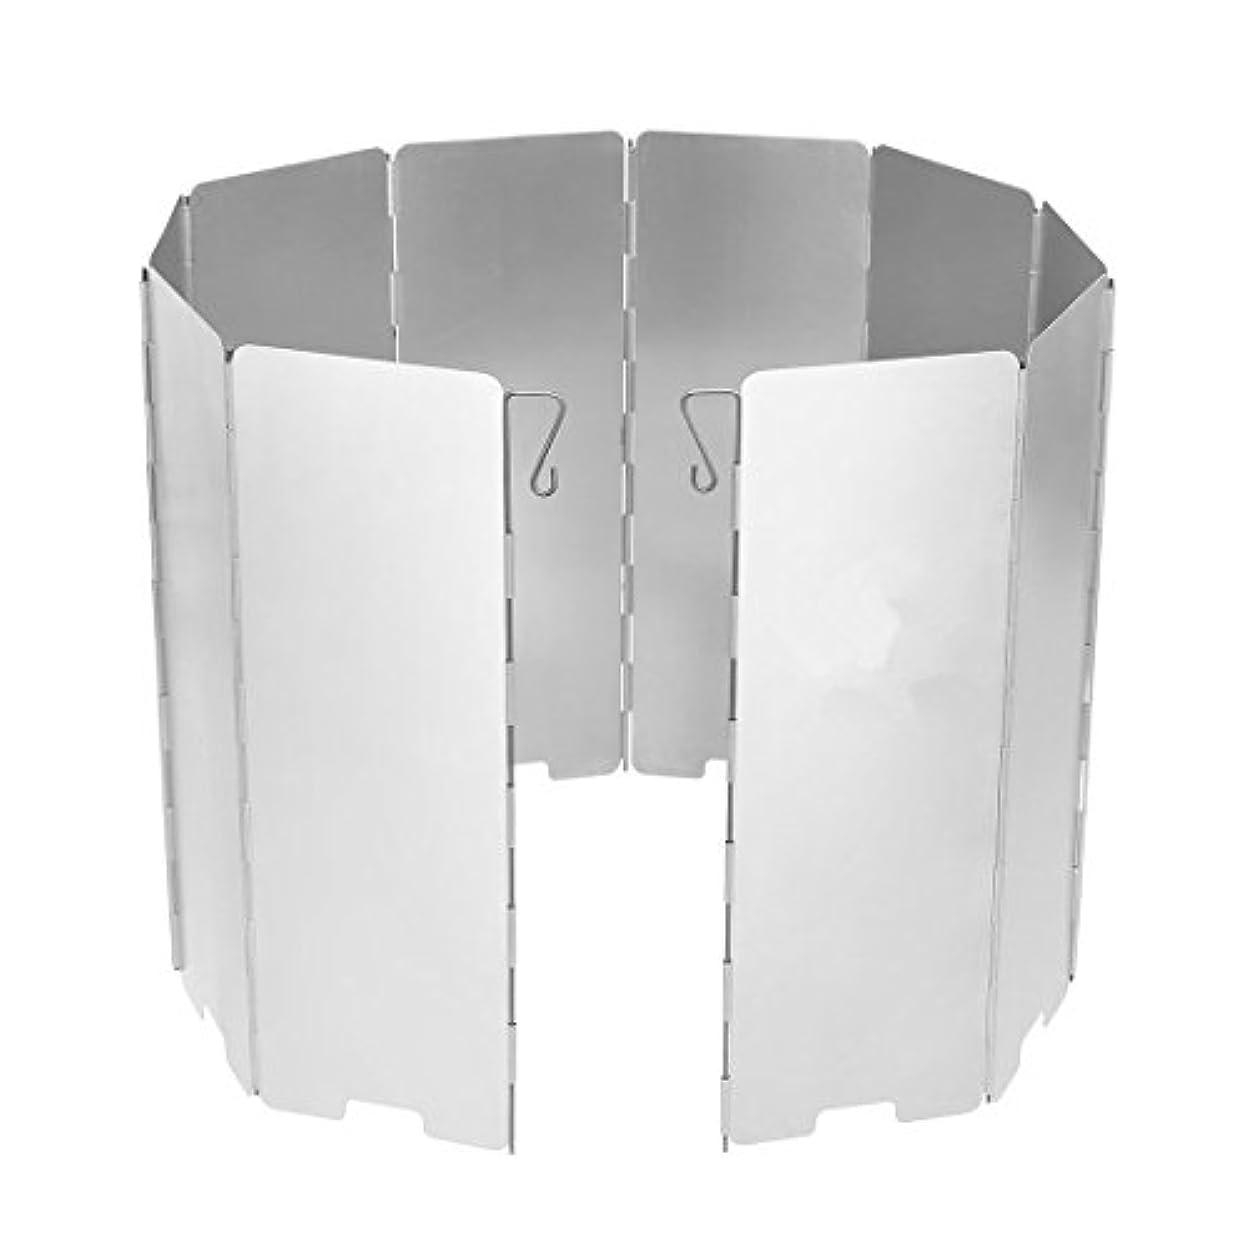 飛ぶ影響力のある湿気の多い風除板 防風板 折り畳み式 ウインドスクリーン アウトドア キャンプ コンロ用 アルミ製 軽量 収納袋付き 携帯便利 8枚 9枚 10枚